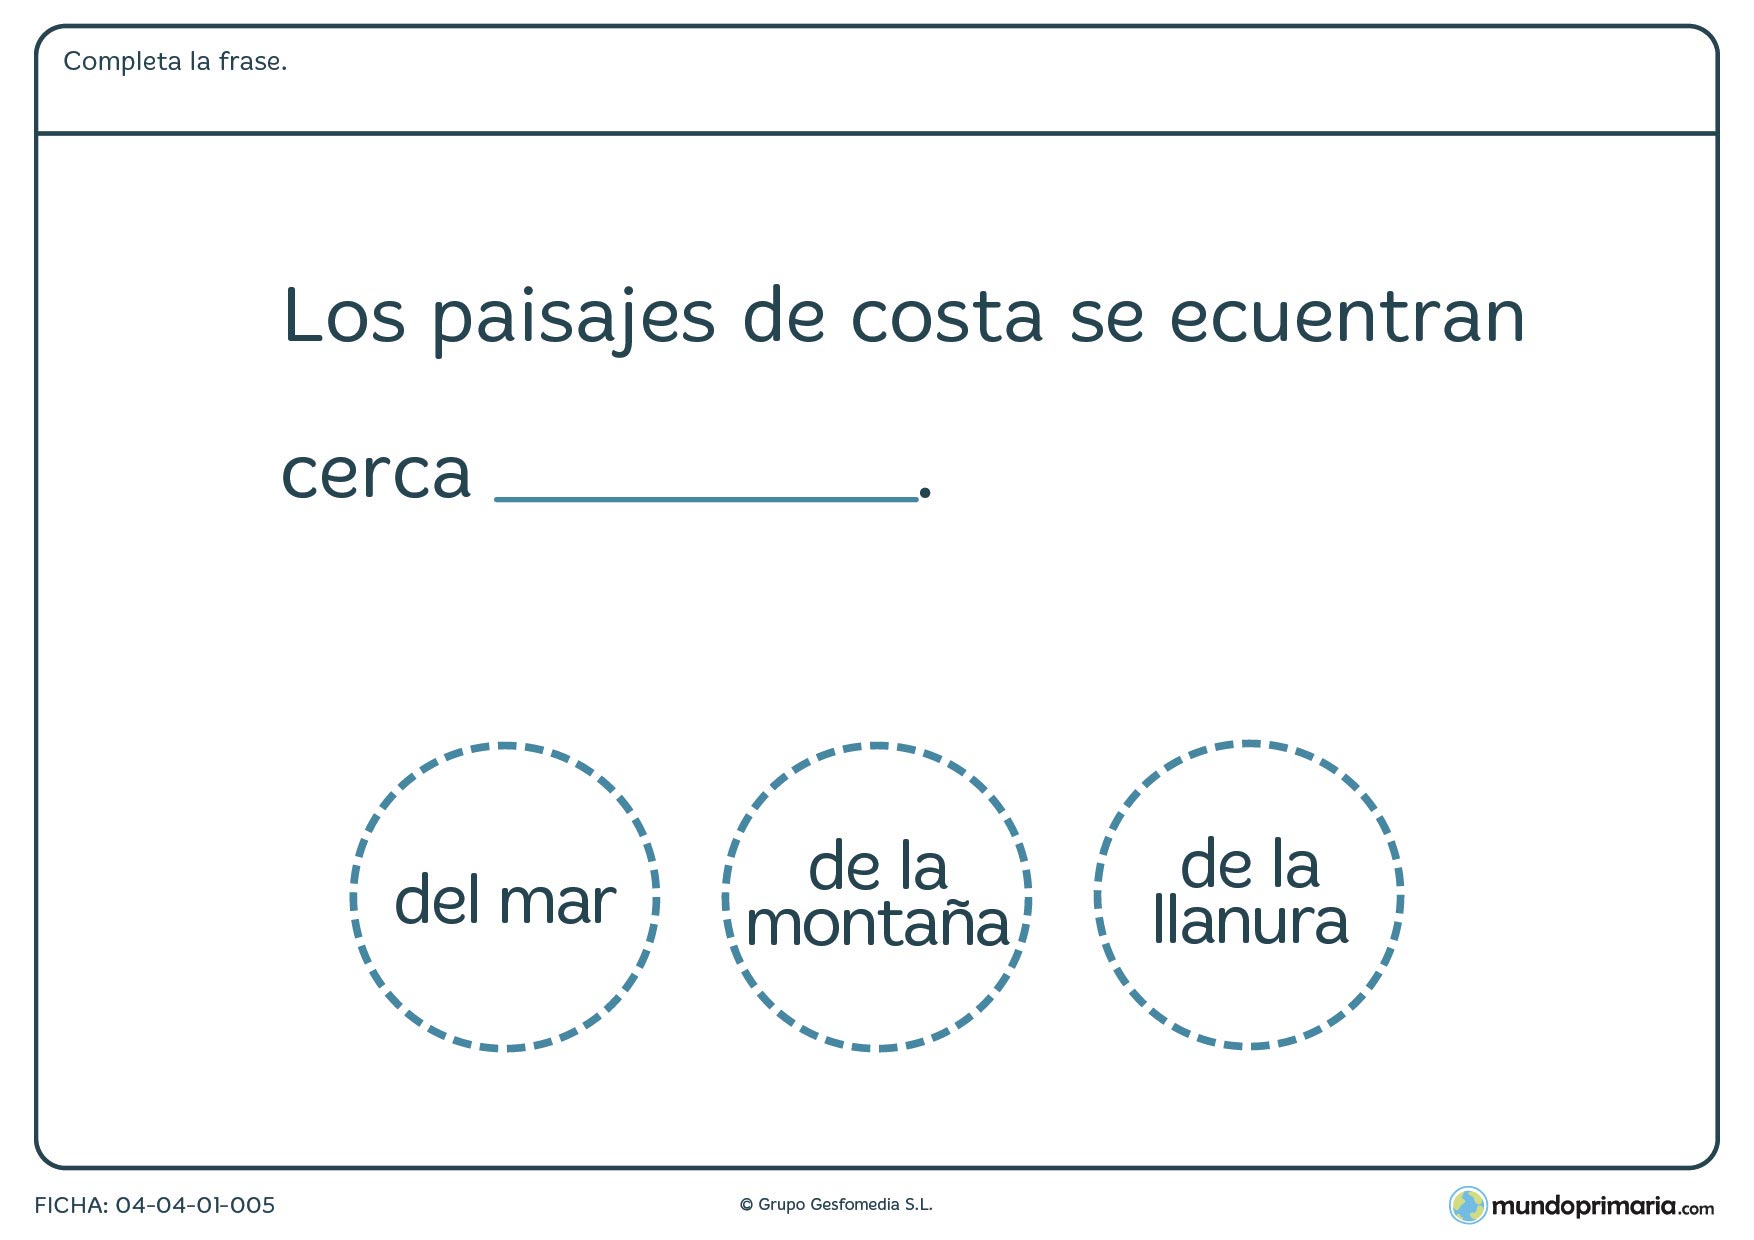 Ficha de paisajes de costa en la que hay que completar la frase con las palabras de diferentes paisajes proporcionadas.